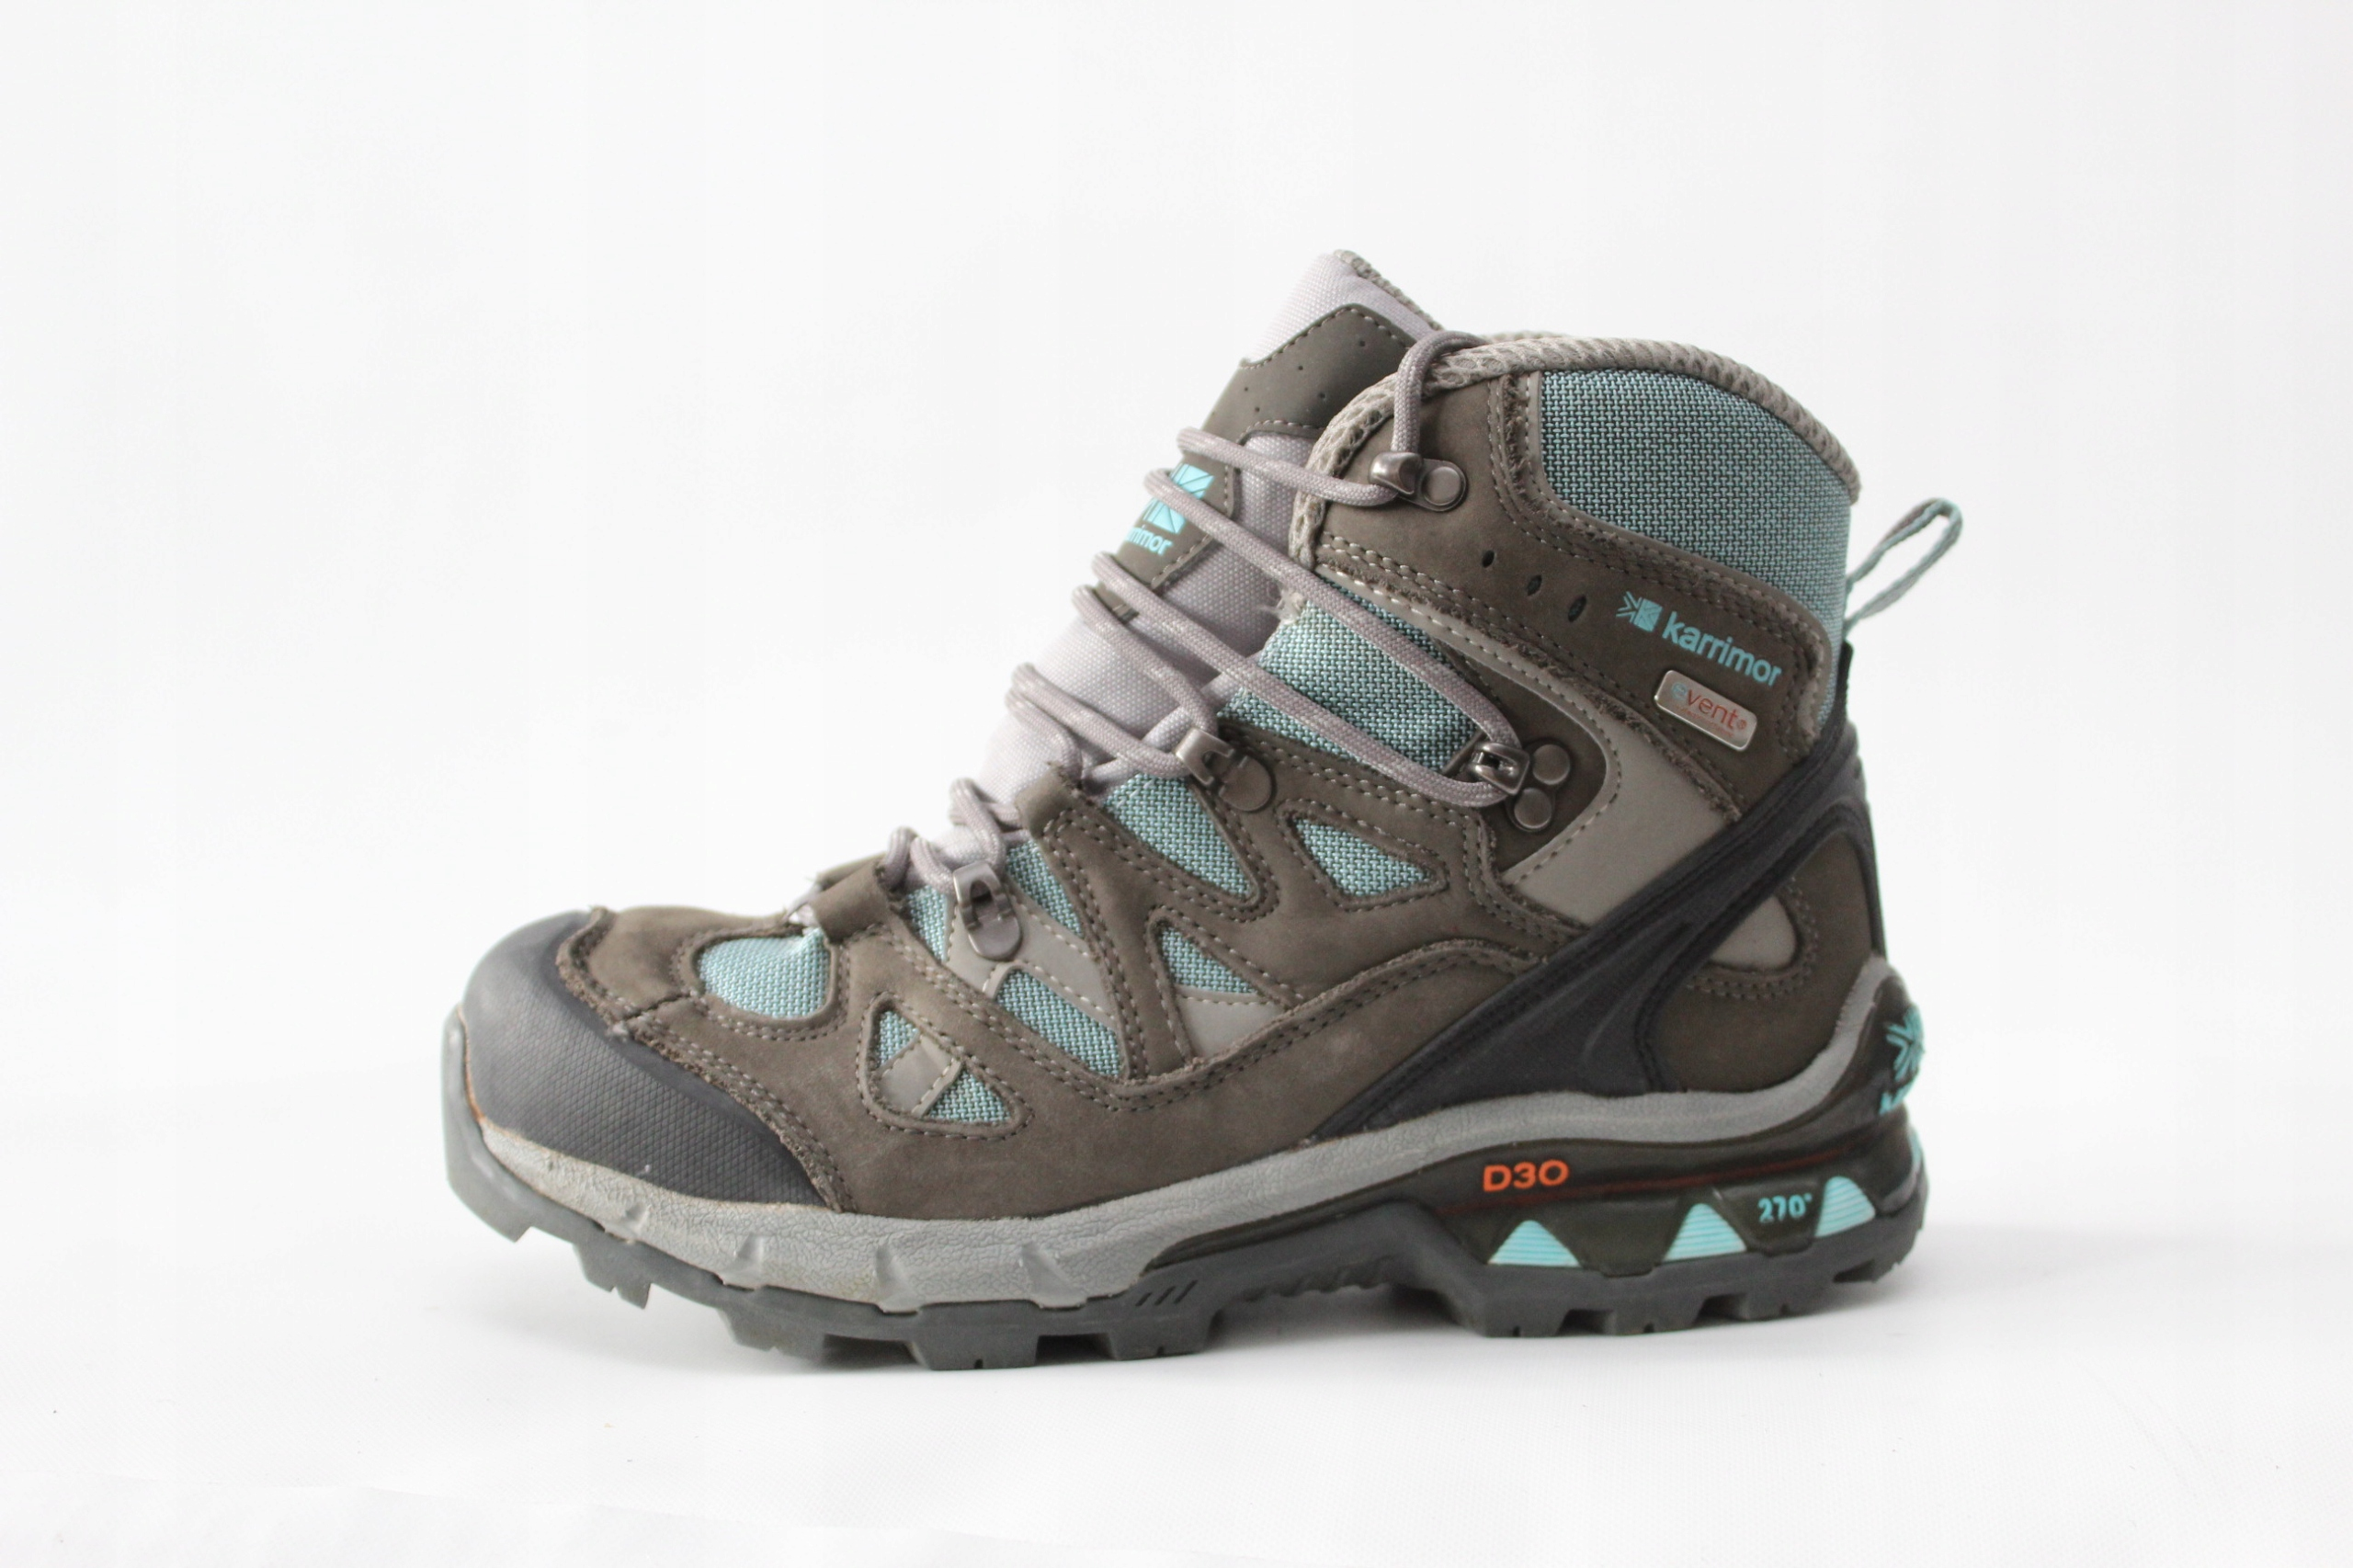 df97227e KARRIMOR - EVENT buty trekingowe r. 39 (24,5 cm) - 7614159745 ...